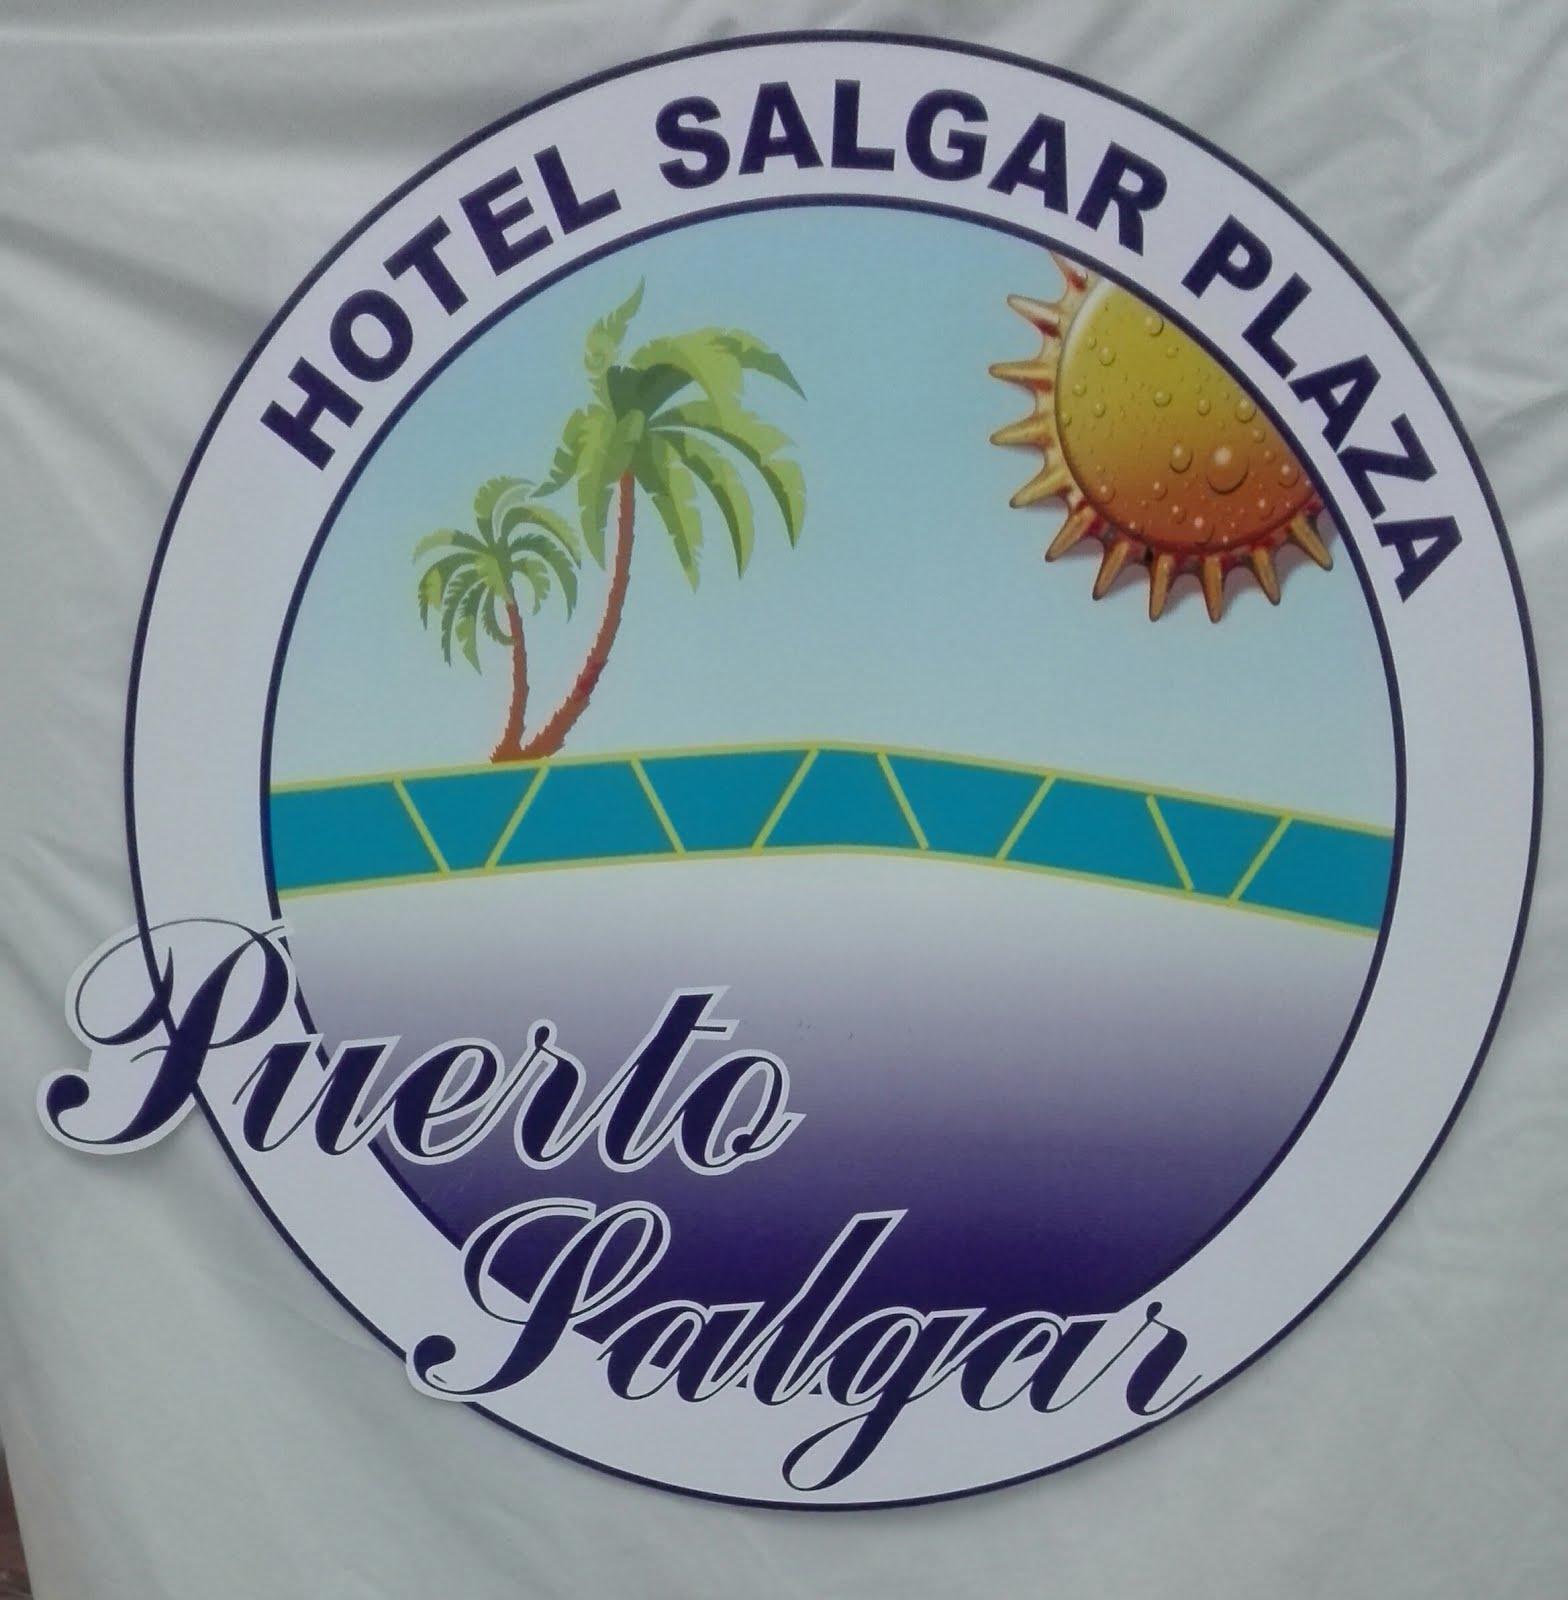 HOTEL SALGAR PLAZA